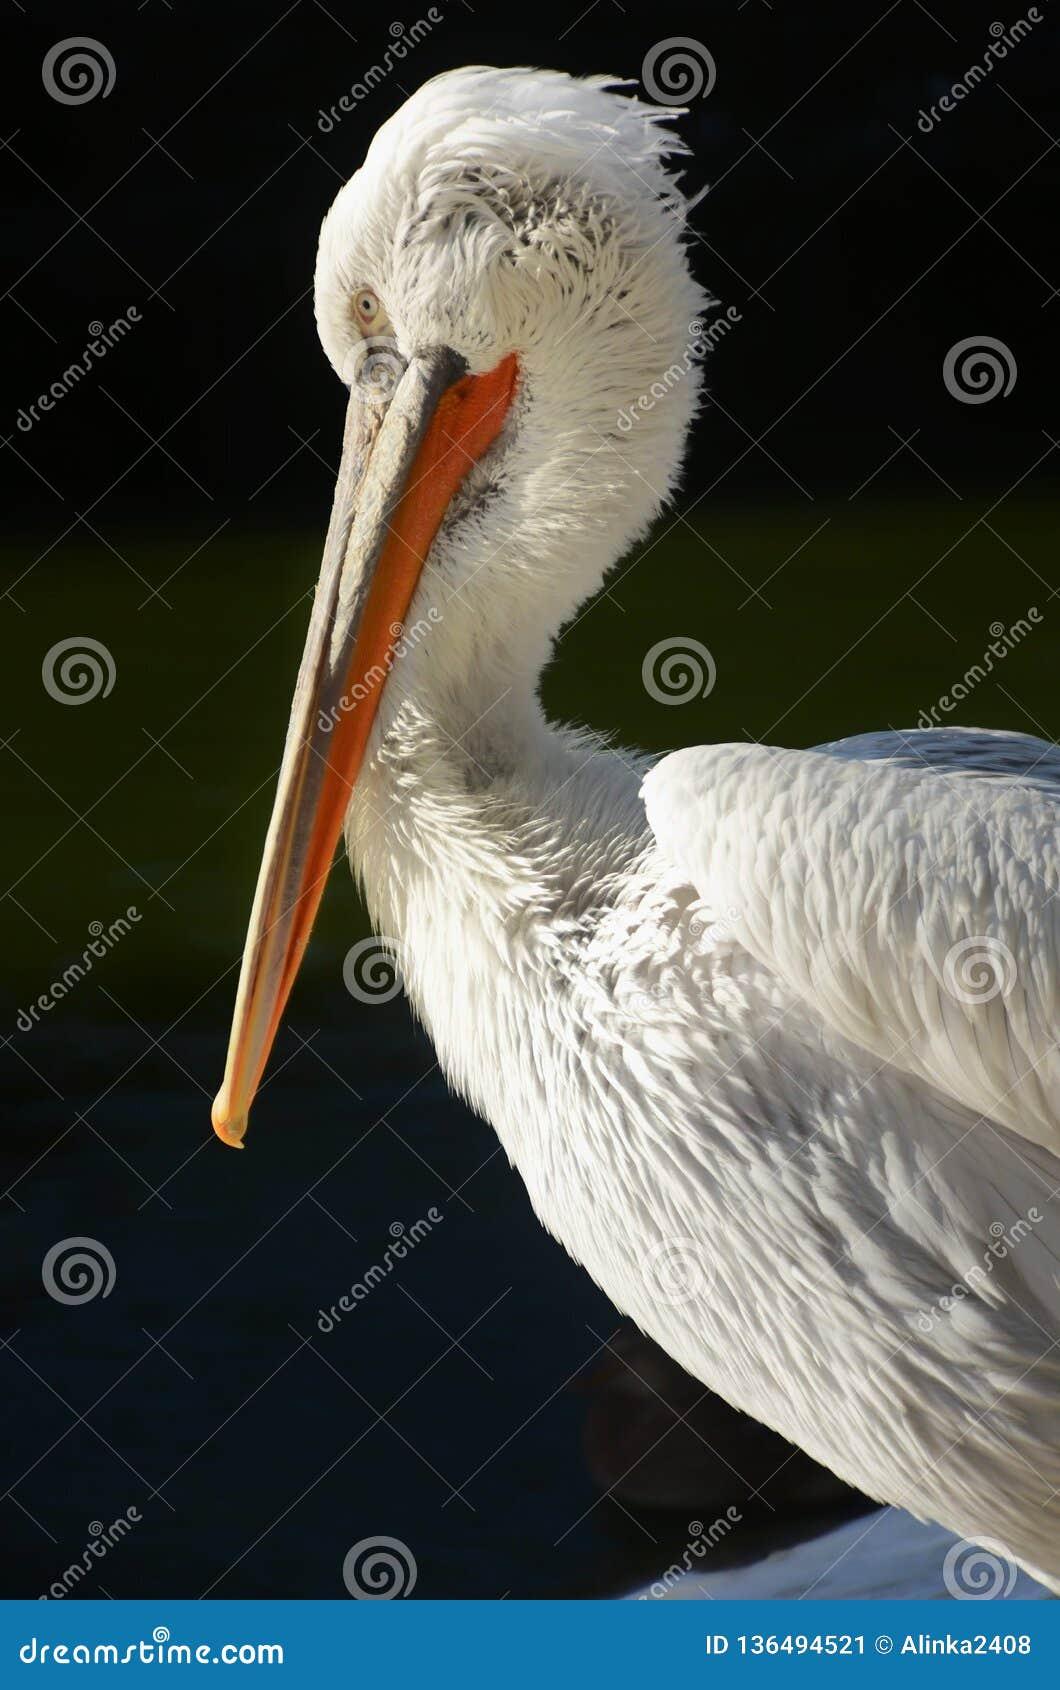 White pelican in profile